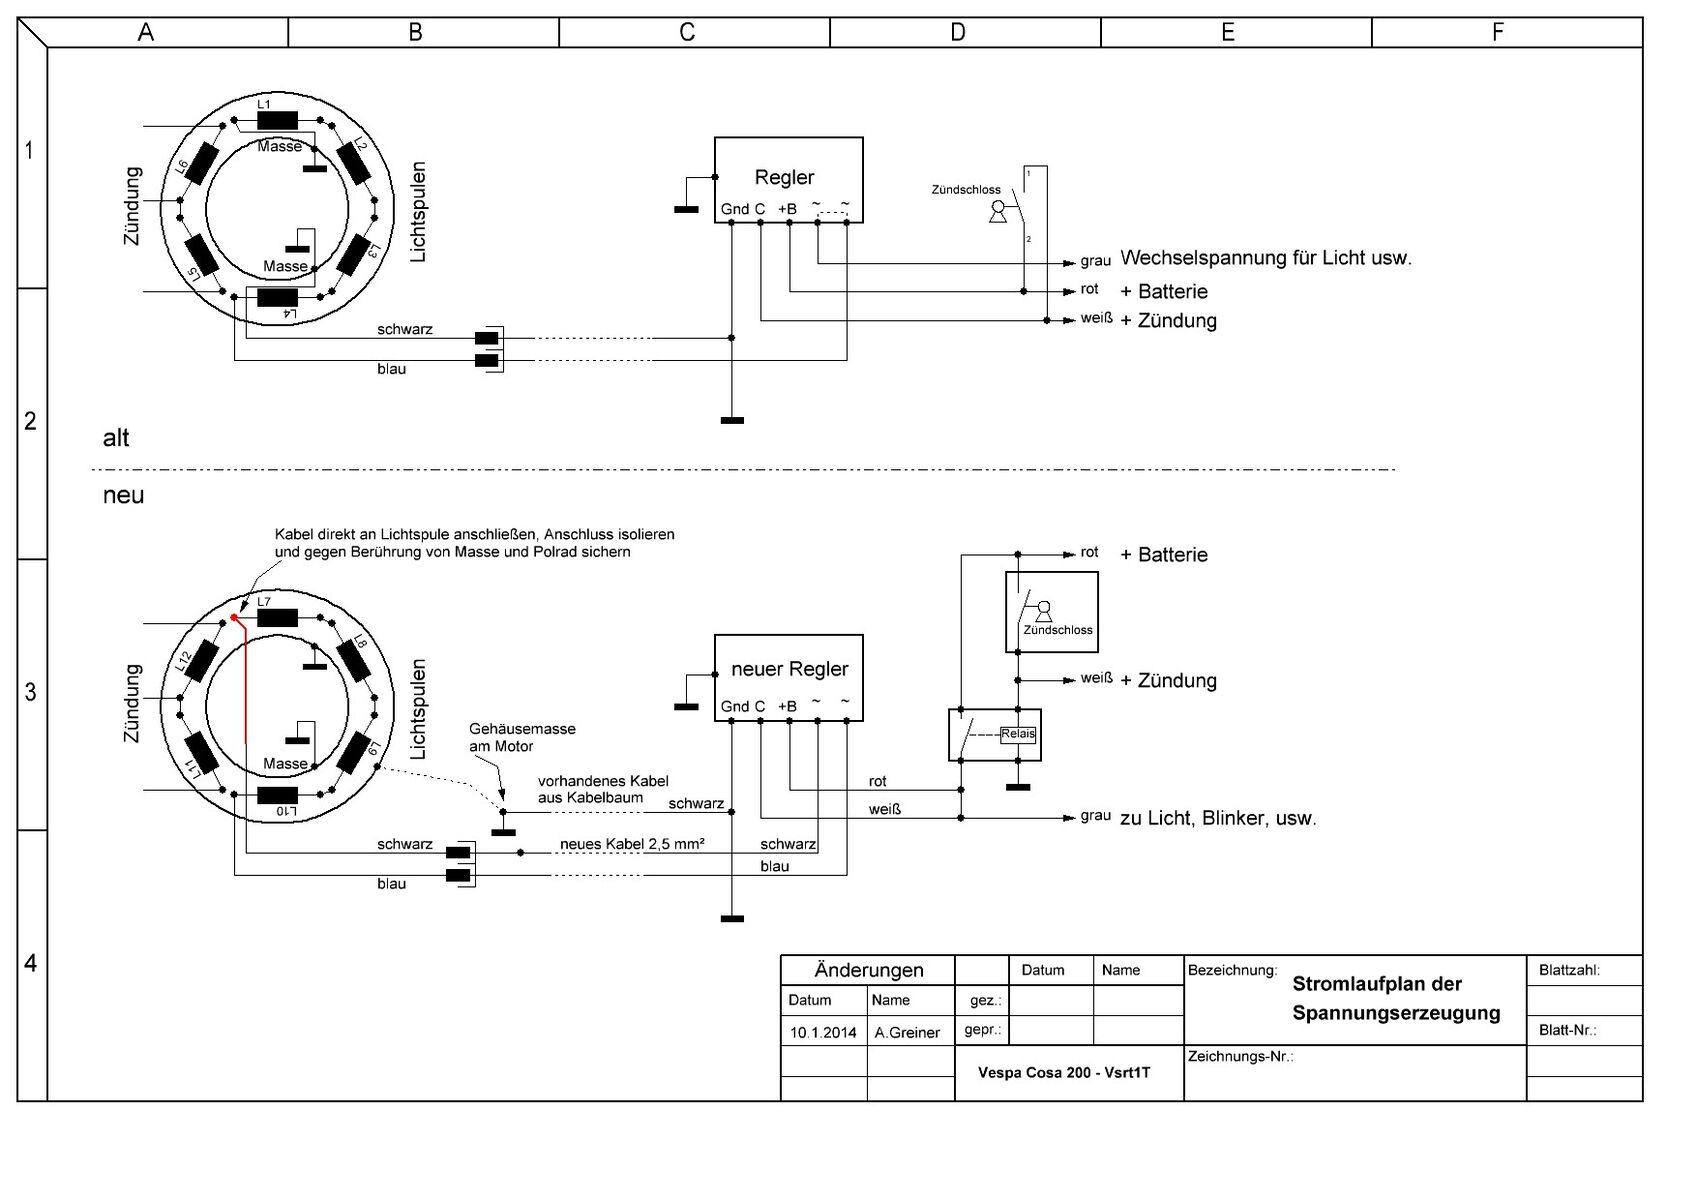 Großartig 4 Draht Gm Generator Schaltplan 12v Zeitgenössisch - Der ...